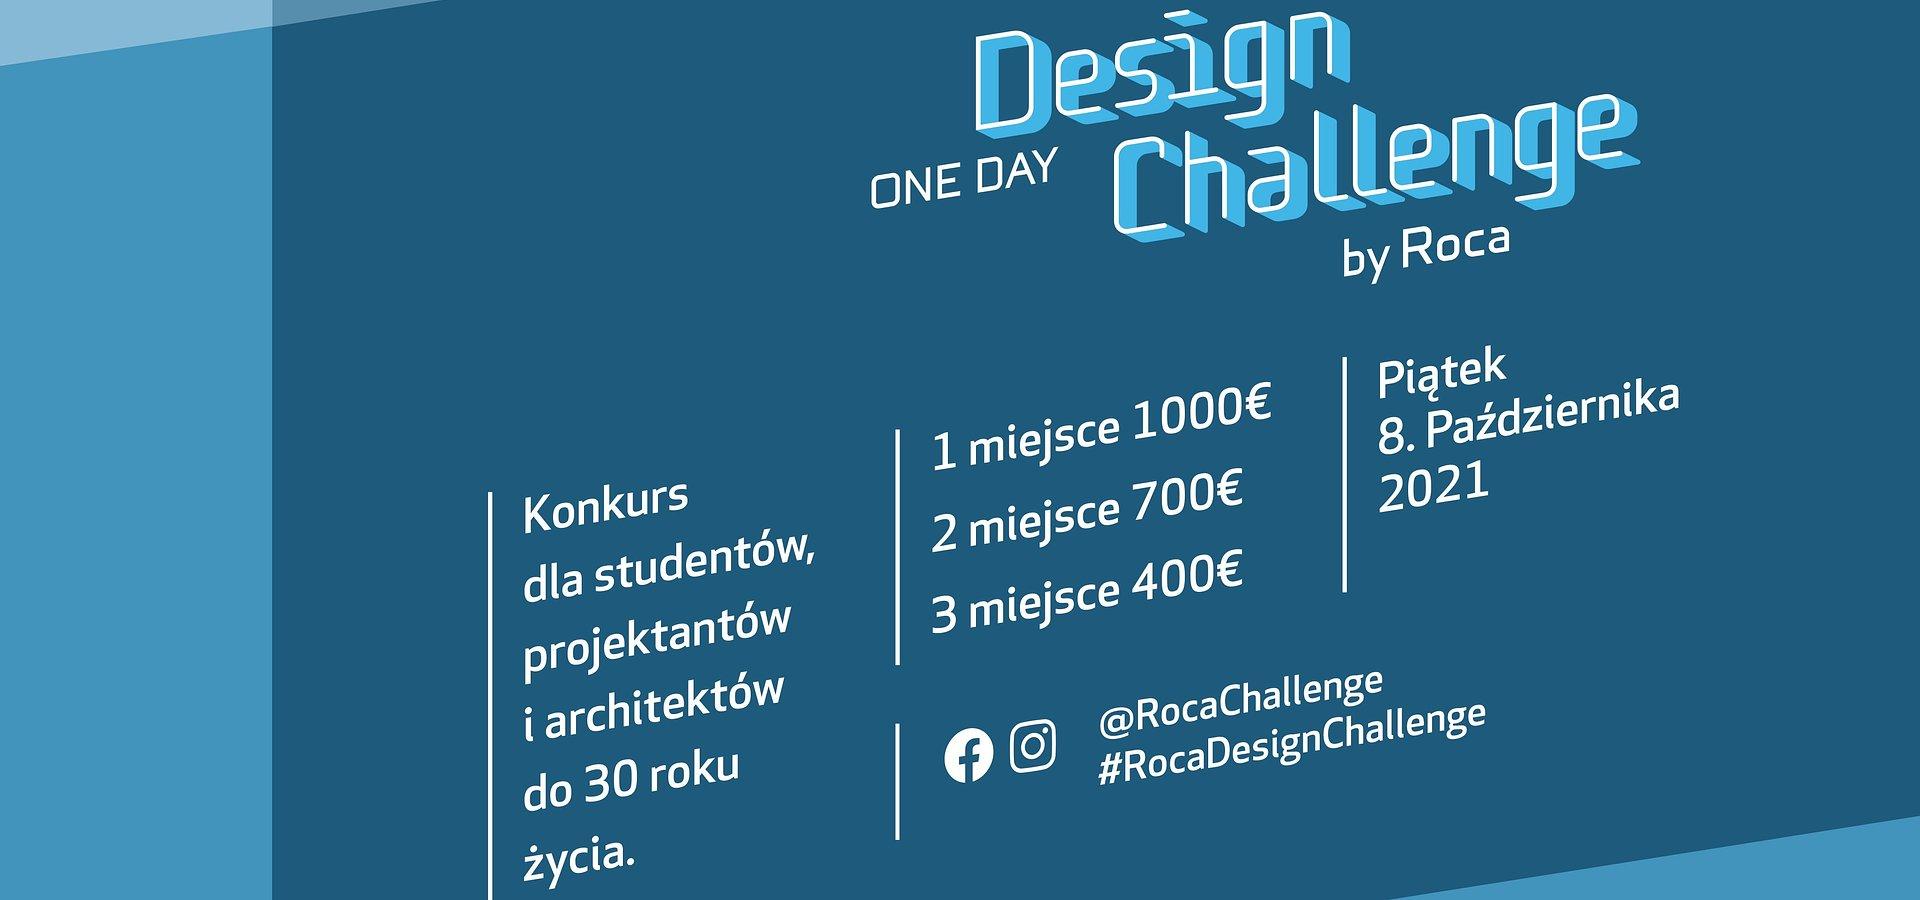 """""""Roca One Day Design Challenge"""" – III edycja konkursu dla młodych architektów i projektantów tym razem w formule online"""